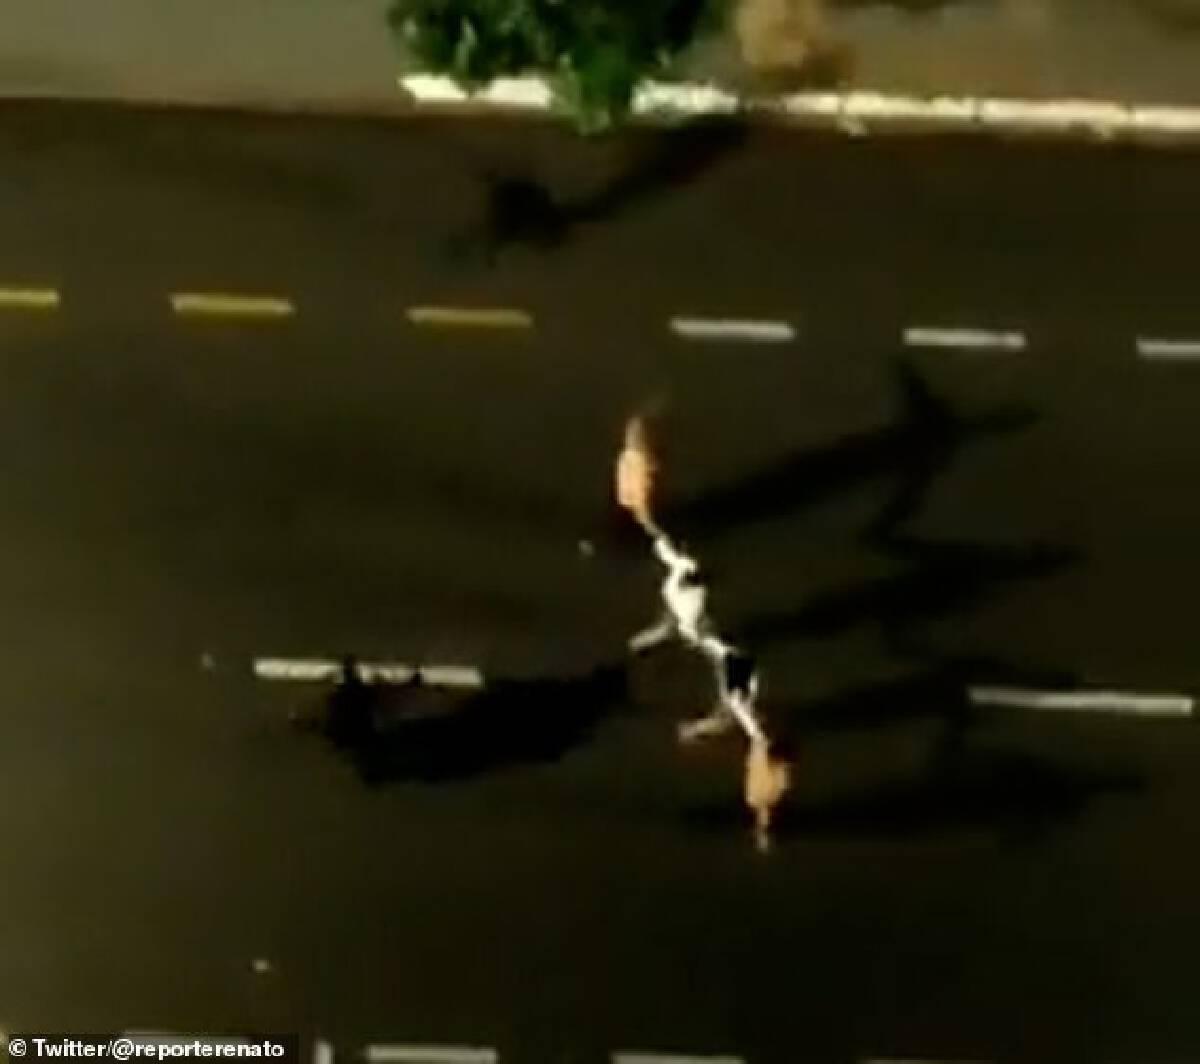 โจรบราซิลสุดโหด จับคนมัดฝากระโปรงรถ กันตำรวจยิง